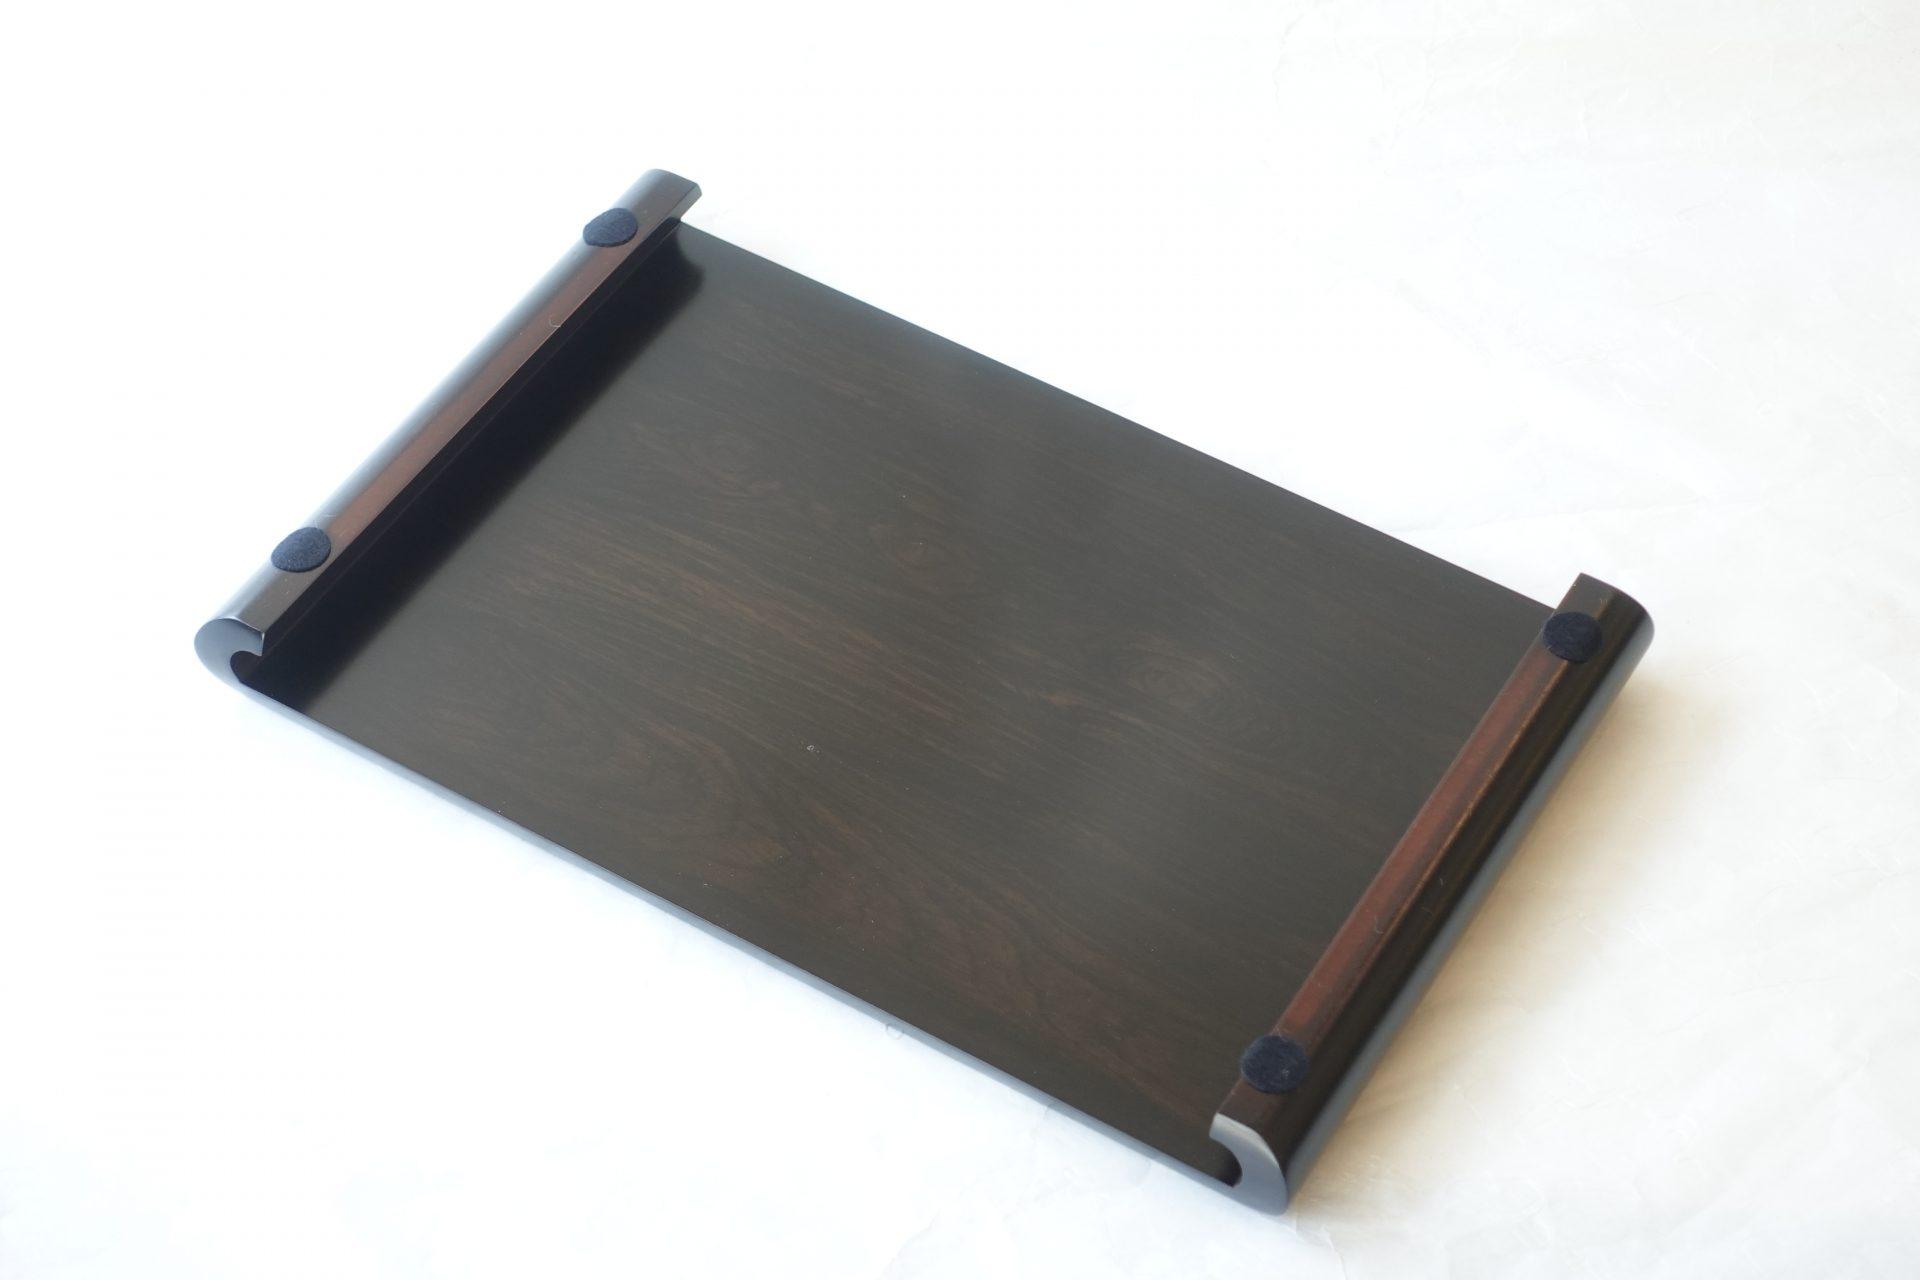 日本製 黒檀調 花台 MDF ファイバーボード 間伐材 森林保護 シンプルな形 曲線で校正されている やわらかいイメージ 置き物 飾り物 汎用性が高い 木質繊維板